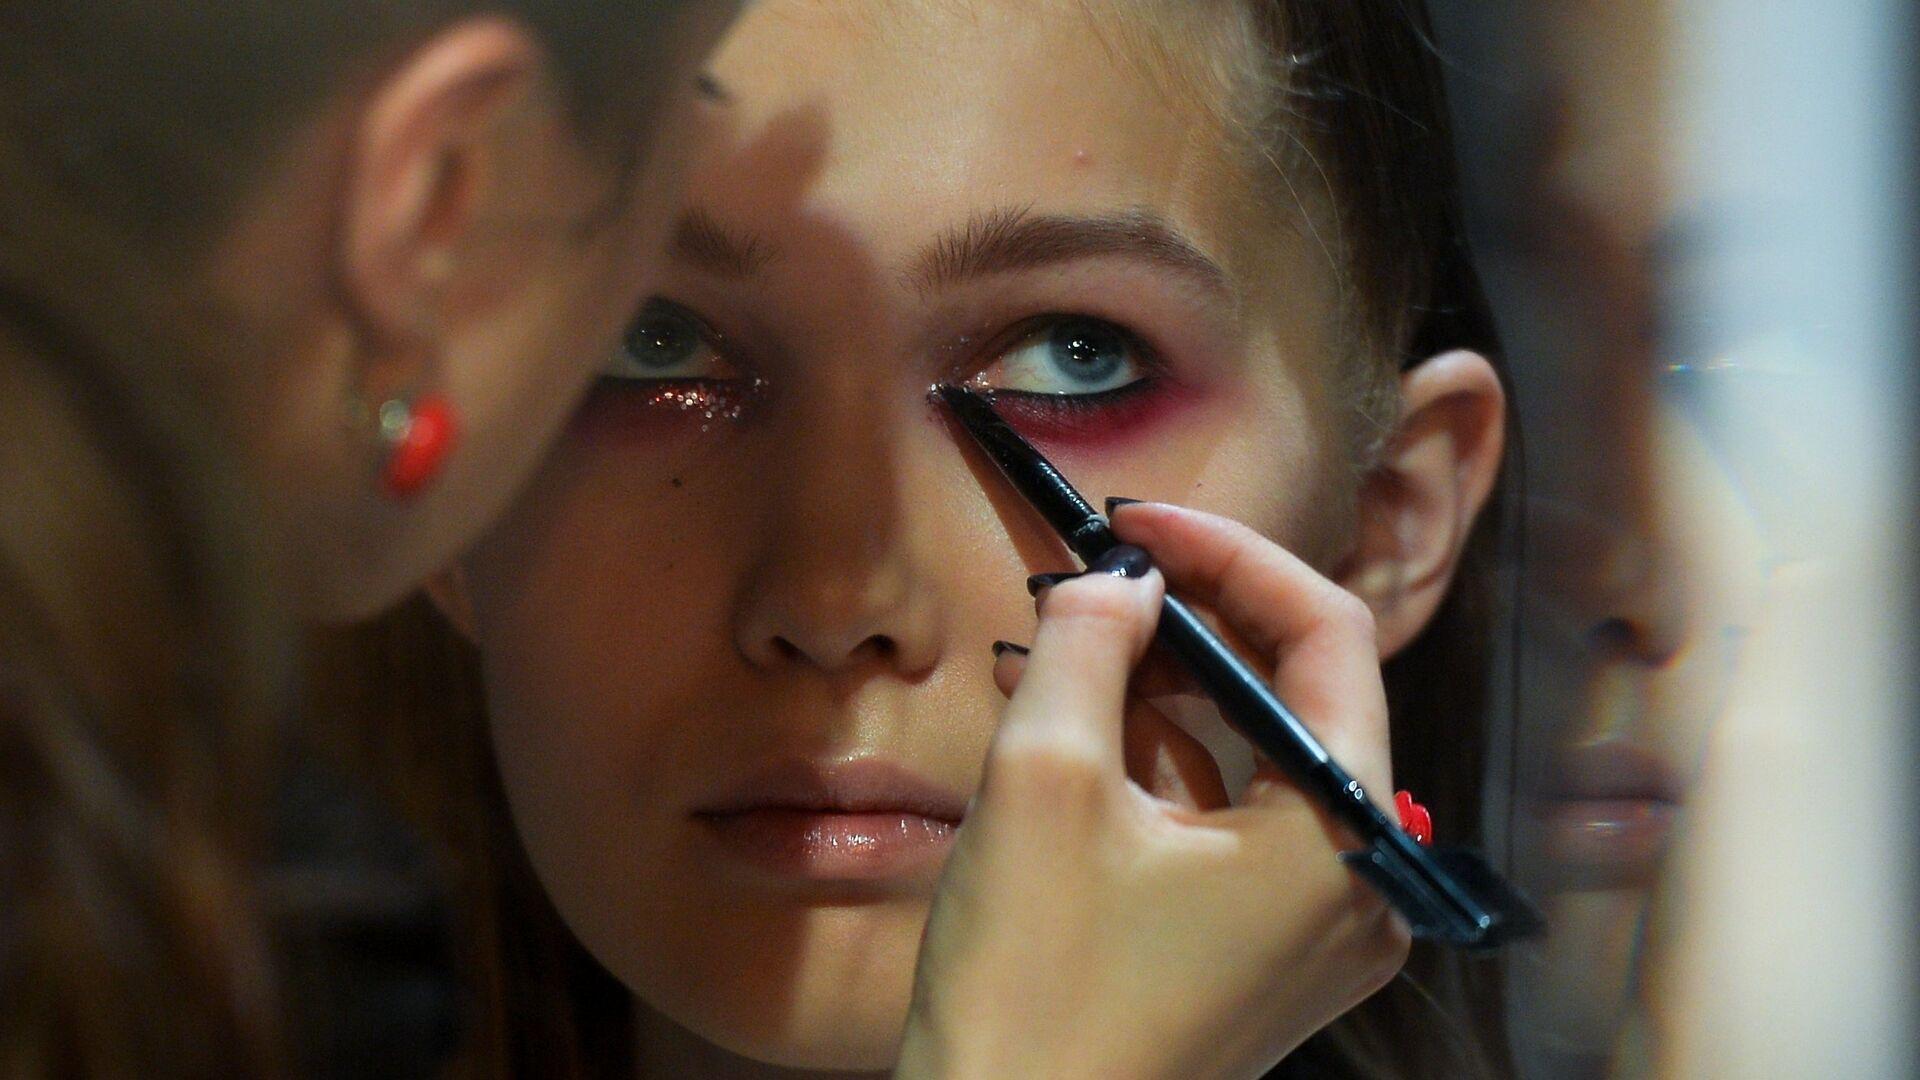 Визажист наносит макияж перед началом показа дизайнера KSENIASERAYA в рамках Mercedes-Benz Fashion Week Russia в ЦВЗ Манеж - РИА Новости, 1920, 26.08.2020